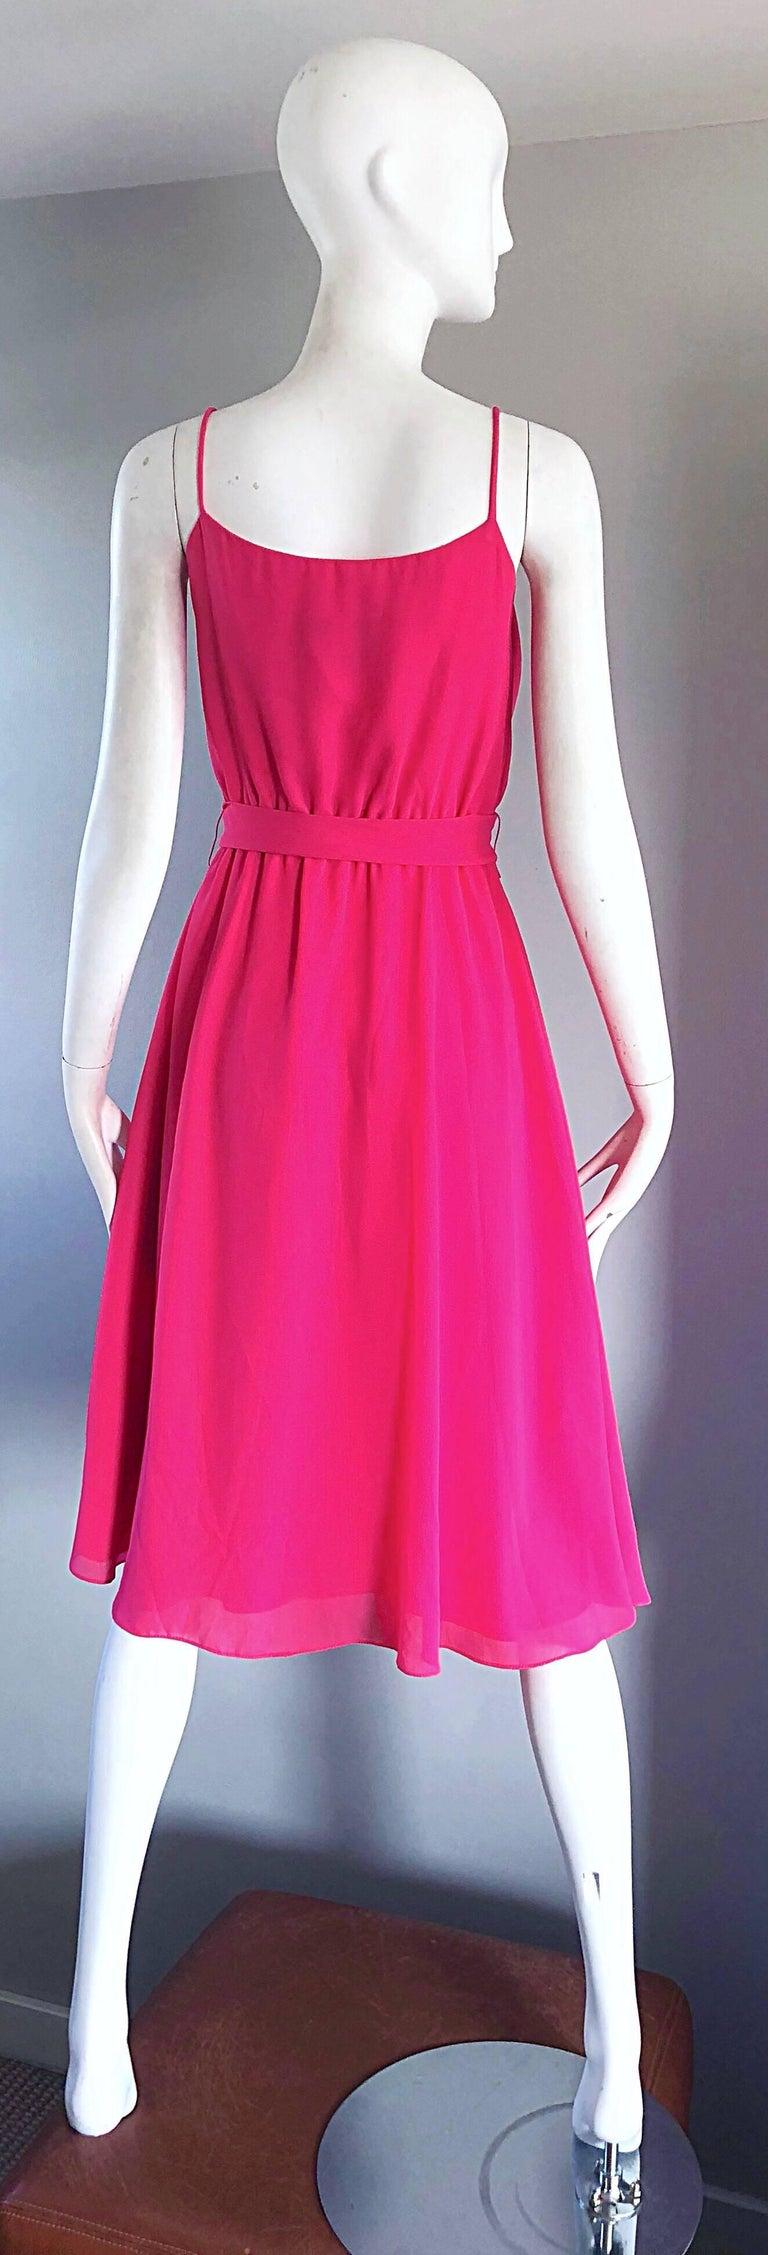 Women's 1970s Phillipe Jodur for Ferrali Hot Pink Crepe Sleeveless Belted Disco Dress For Sale